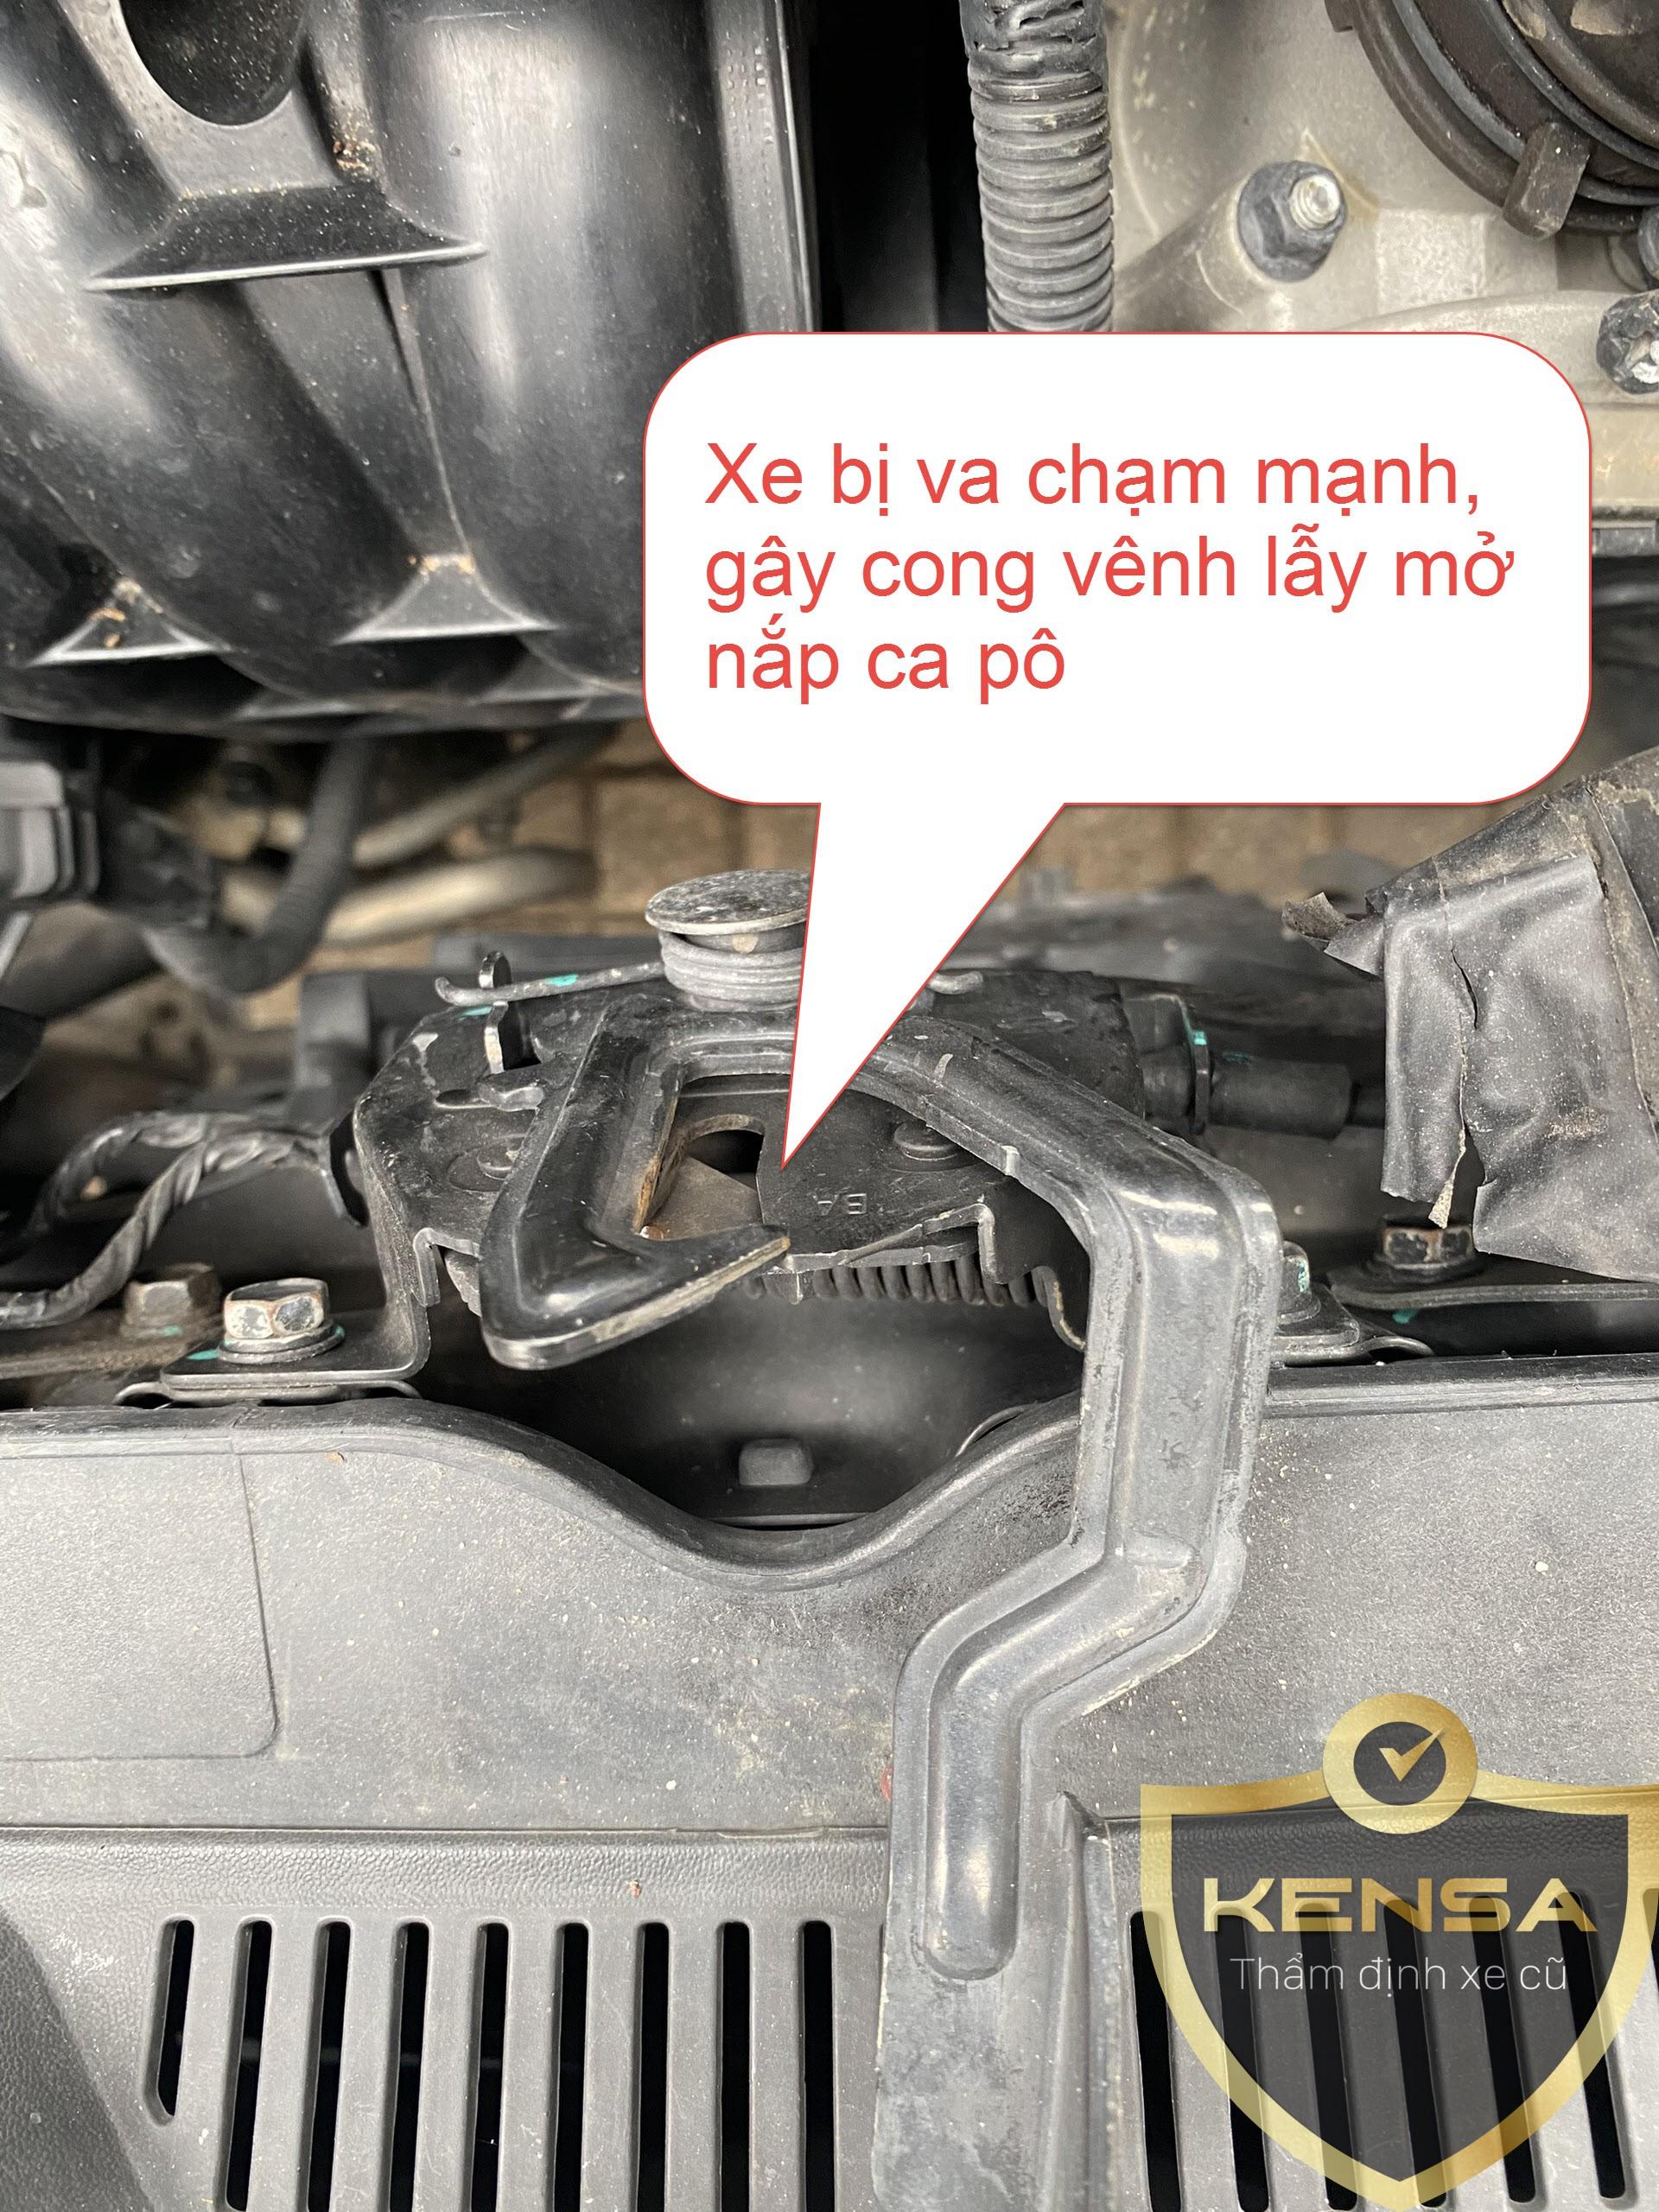 dịch vụ kiểm tra xe ô tô cũ tphcm